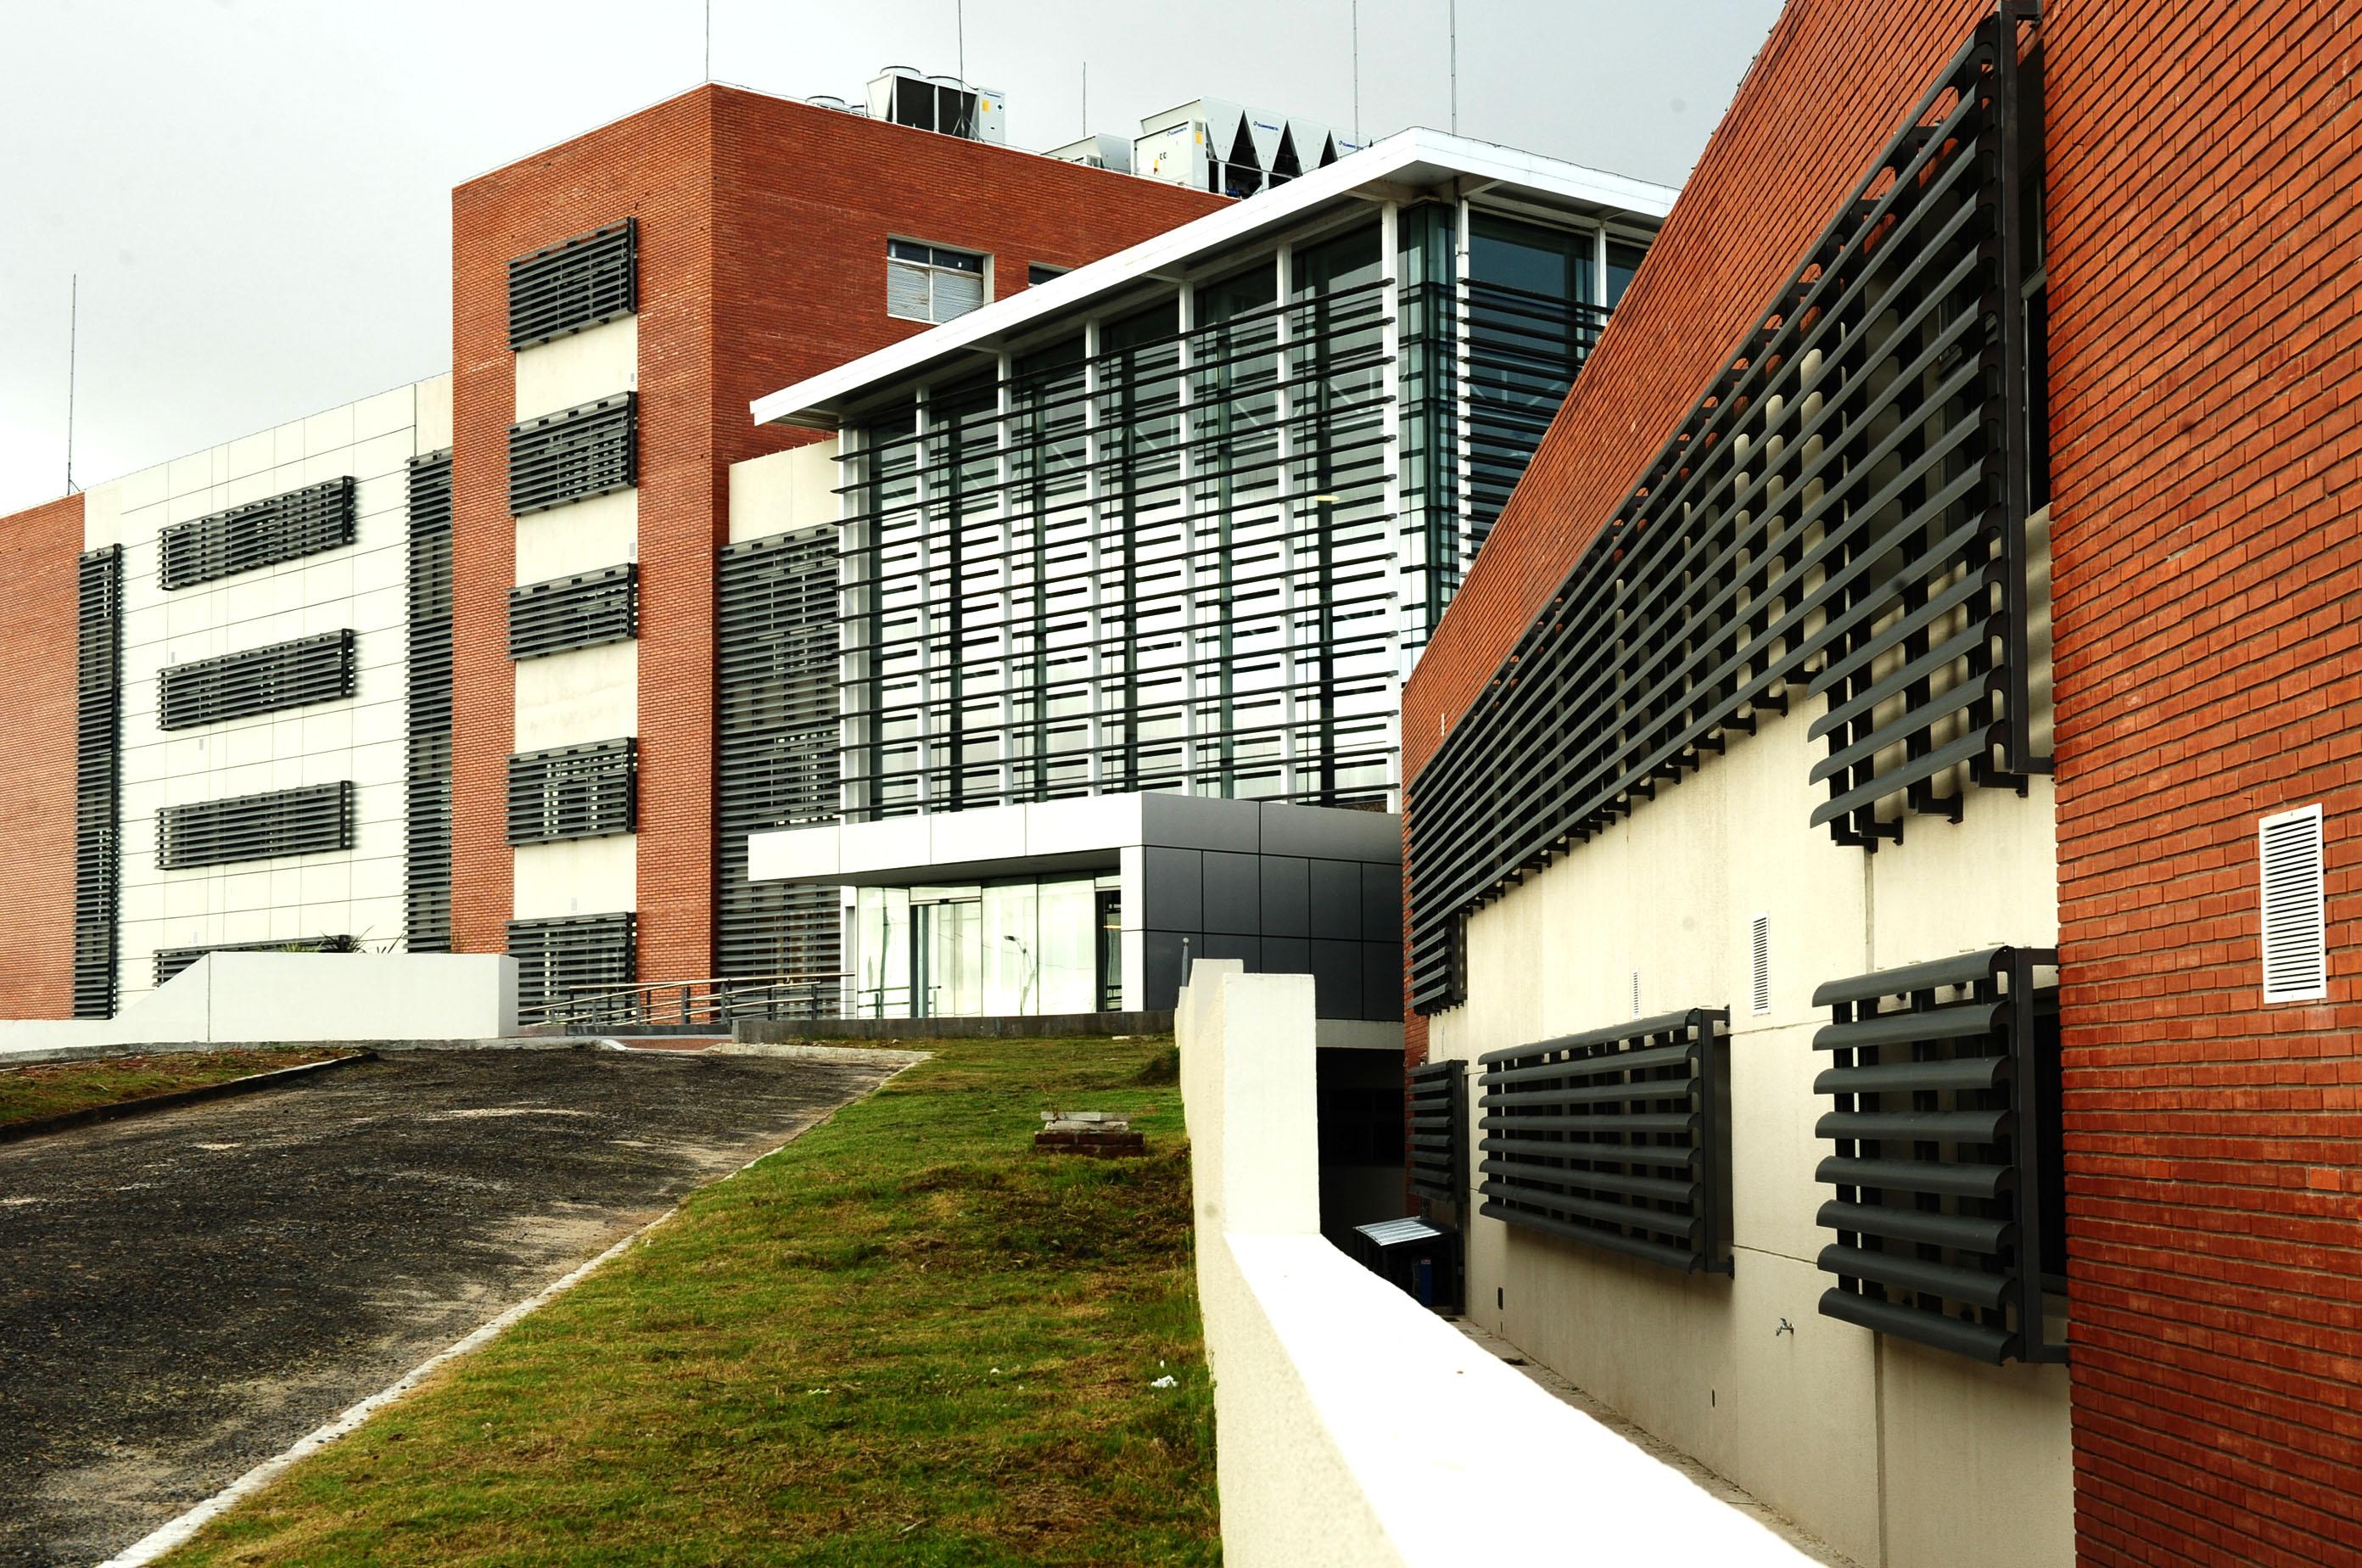 Nuevo Hospital De Colonia